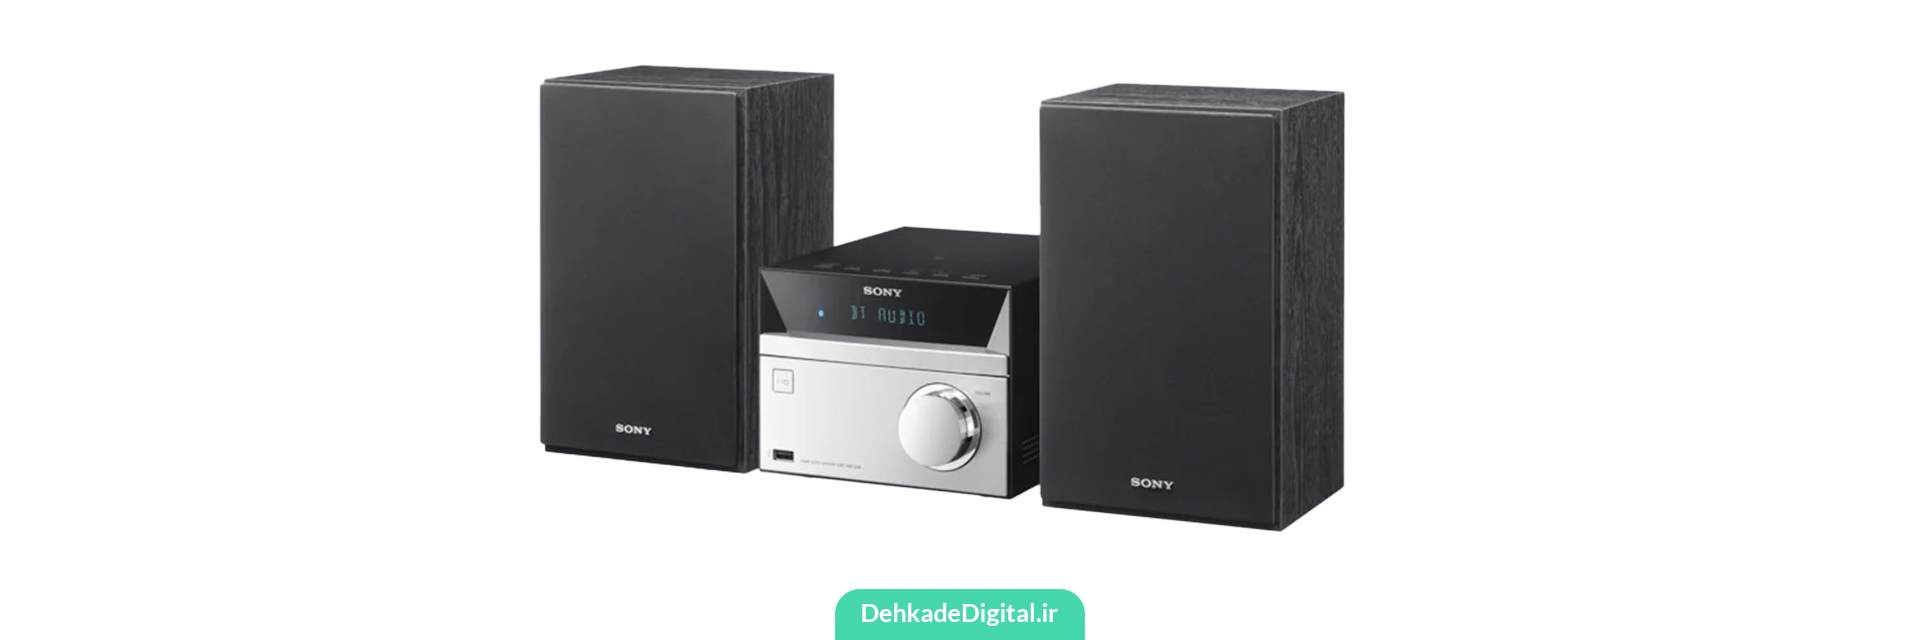 سیستم صوتی CMT-SBT20